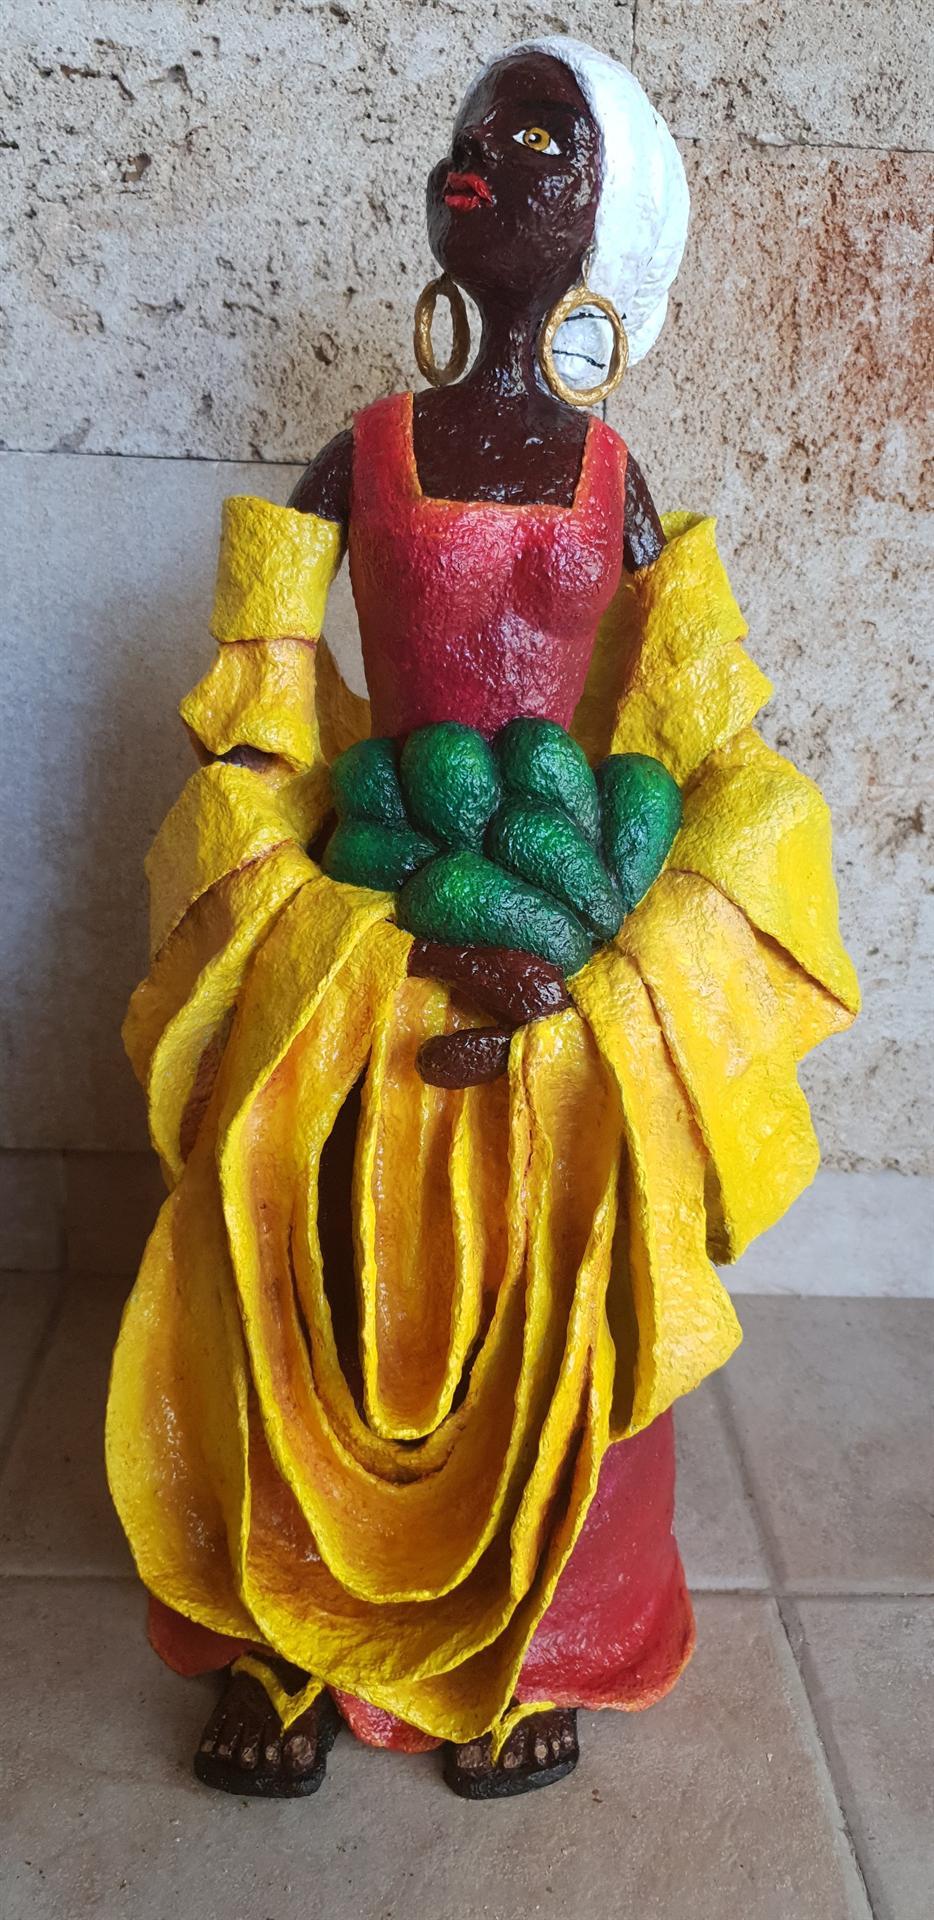 אשה אוחזת אבוקדו